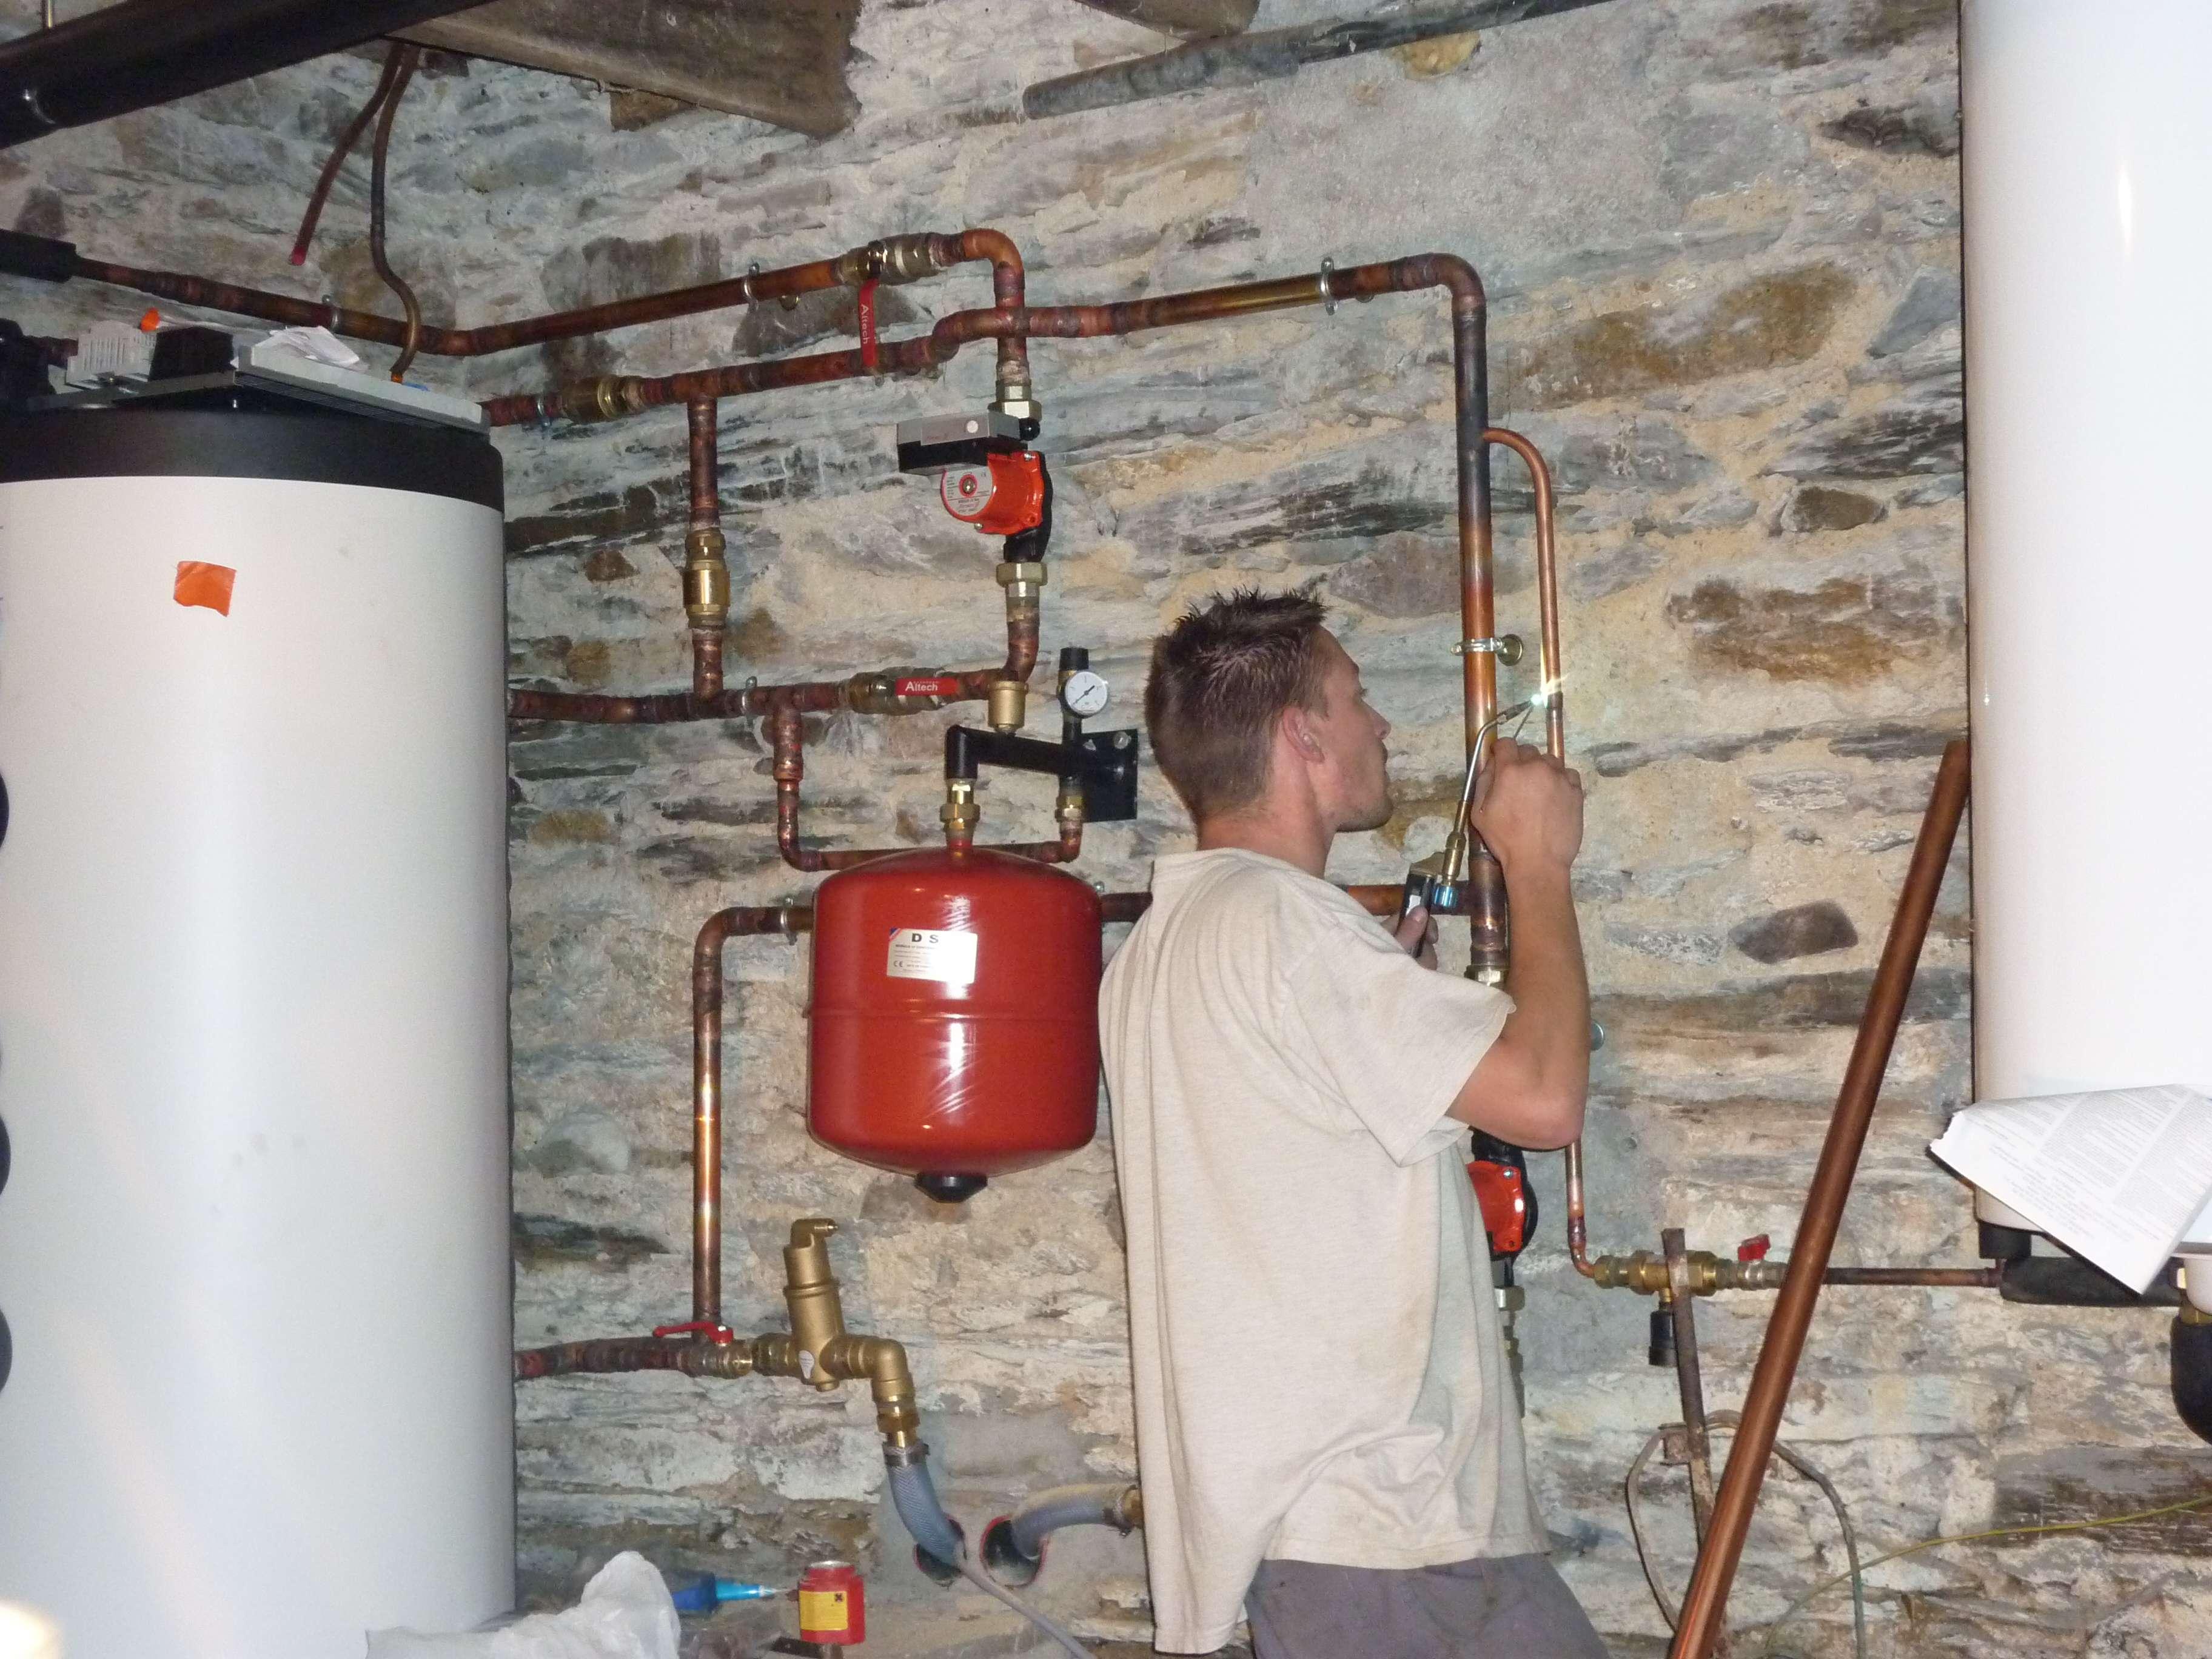 pompe à chaleur, chauffage, énergies renouvelables, RGE, plancher chauffant